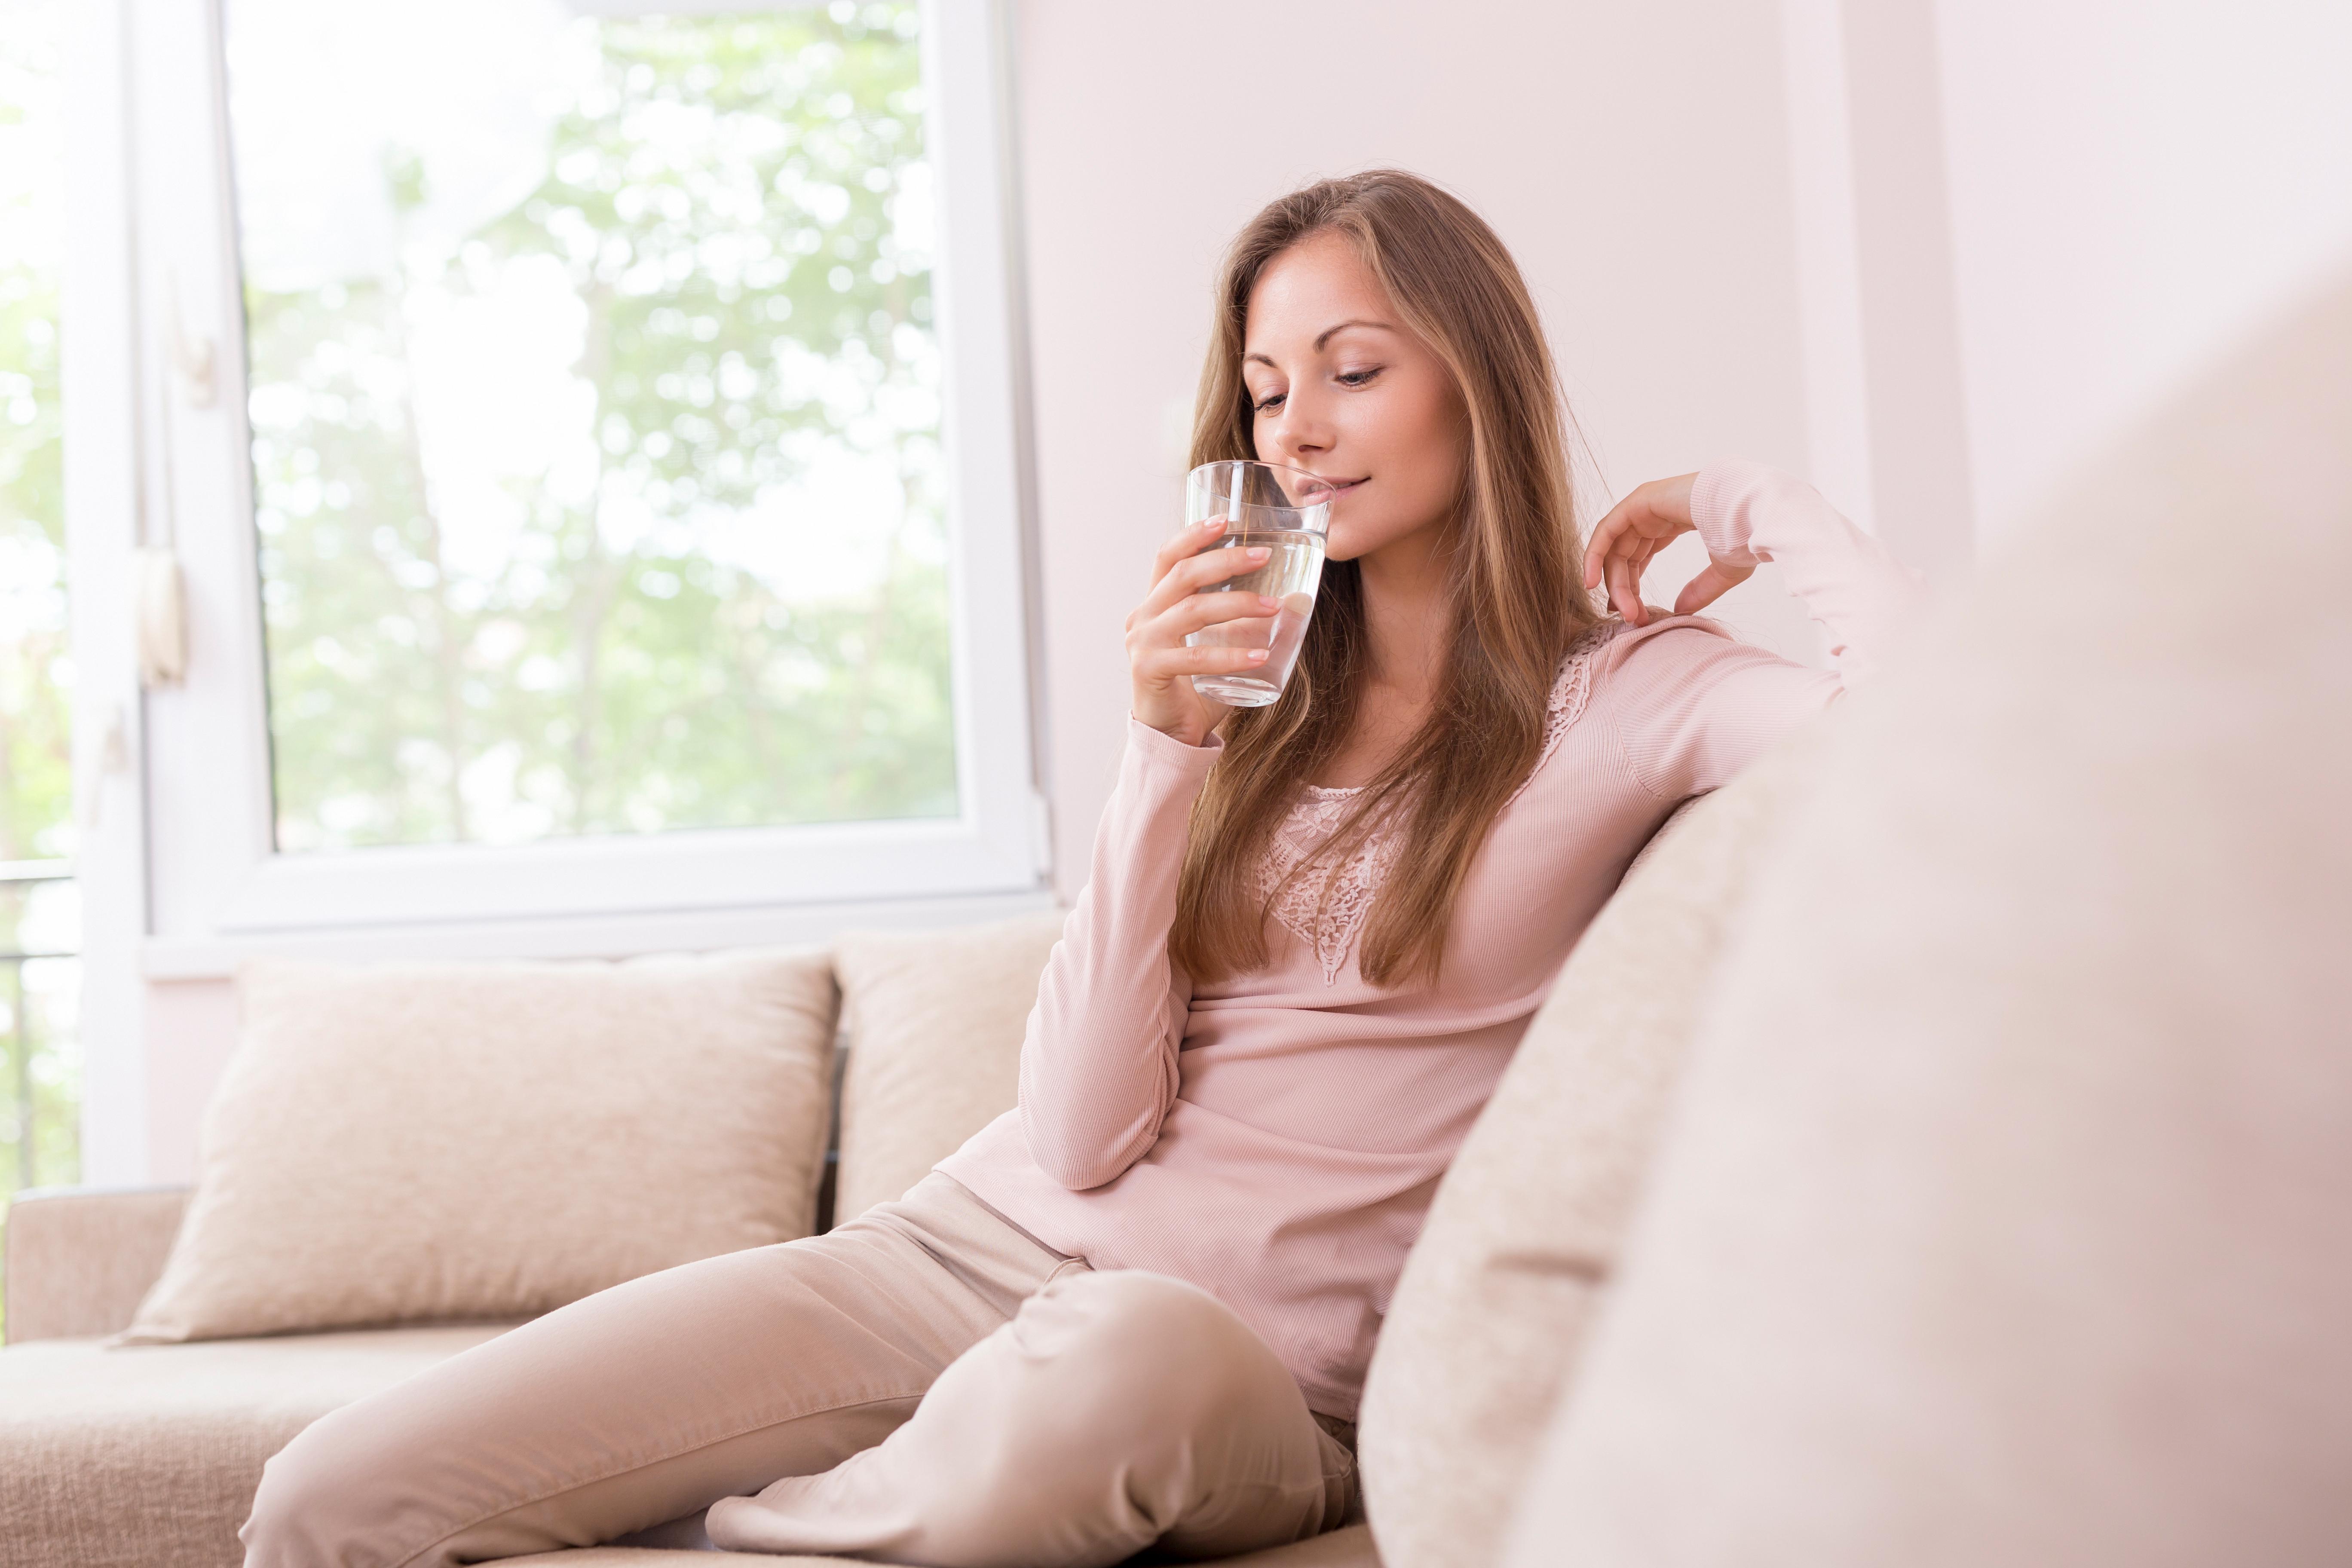 Le malattie infiammatorie intestinali sono frequenti, sai come sorgono e come si curano?